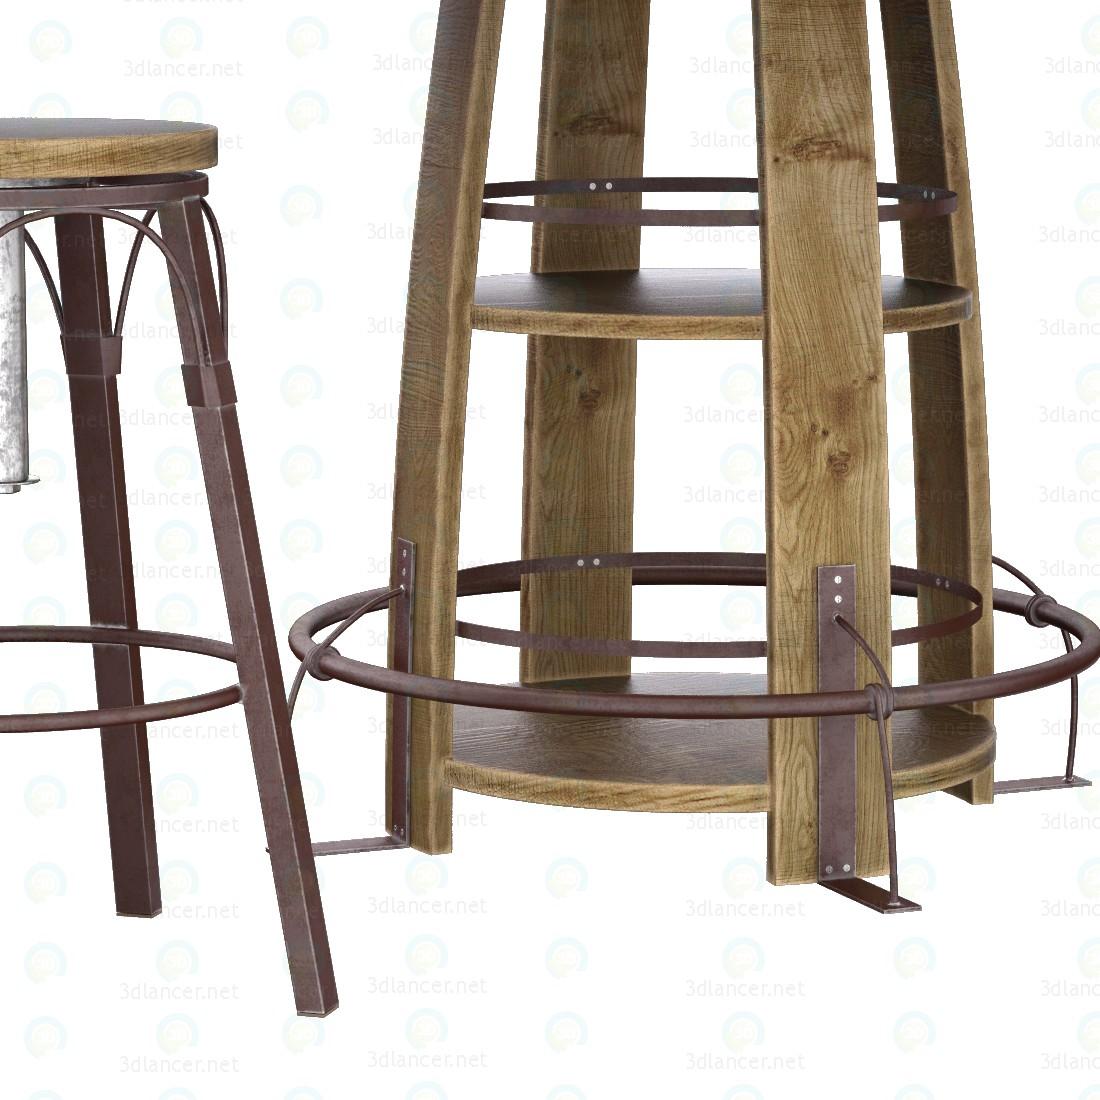 3d Комплект стол и стул для паба модель купить - ракурс